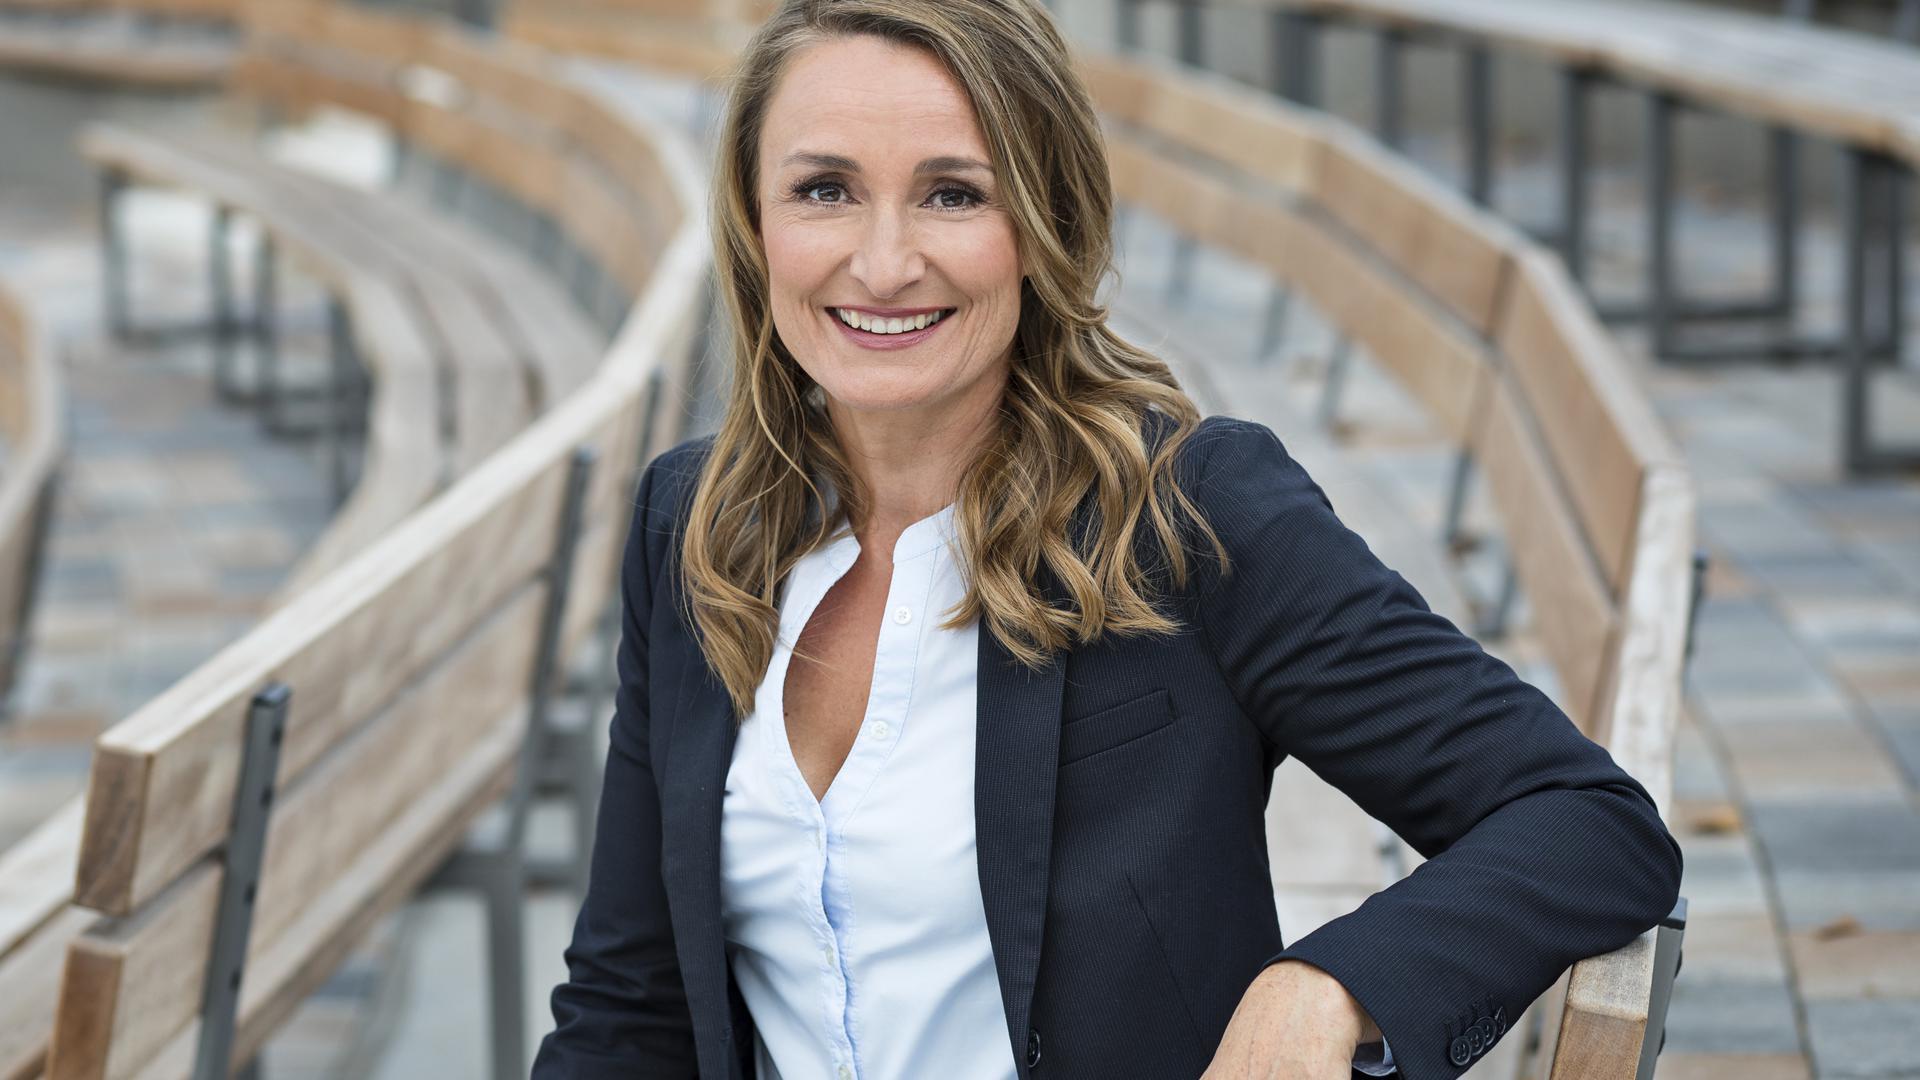 """Sandra Olbrich ist das Gesicht der ZDF-Sendung """"Menschen – das Magazin"""", die sie seit 2014 moderiert. Die in Karlsruhe lebende Journalistin sagt: """"Behindert ist man nicht. Behindert wird man."""""""